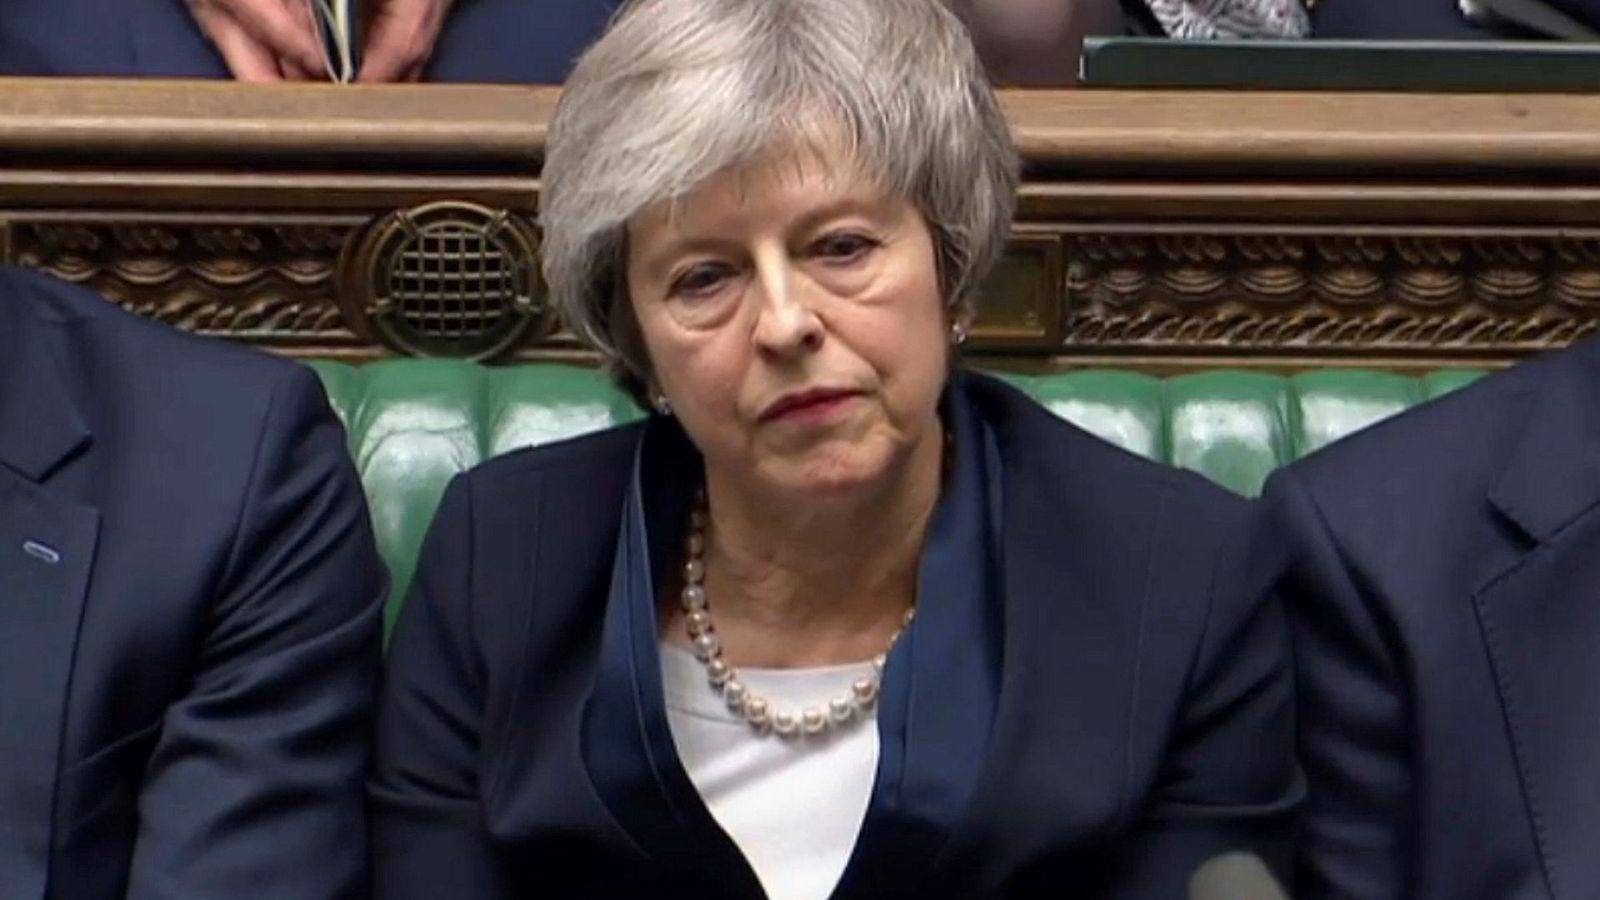 Avstemningen tirsdag gikk verre enn selv de mest pessimistiske av Theresa Mays venner hadde fryktet.